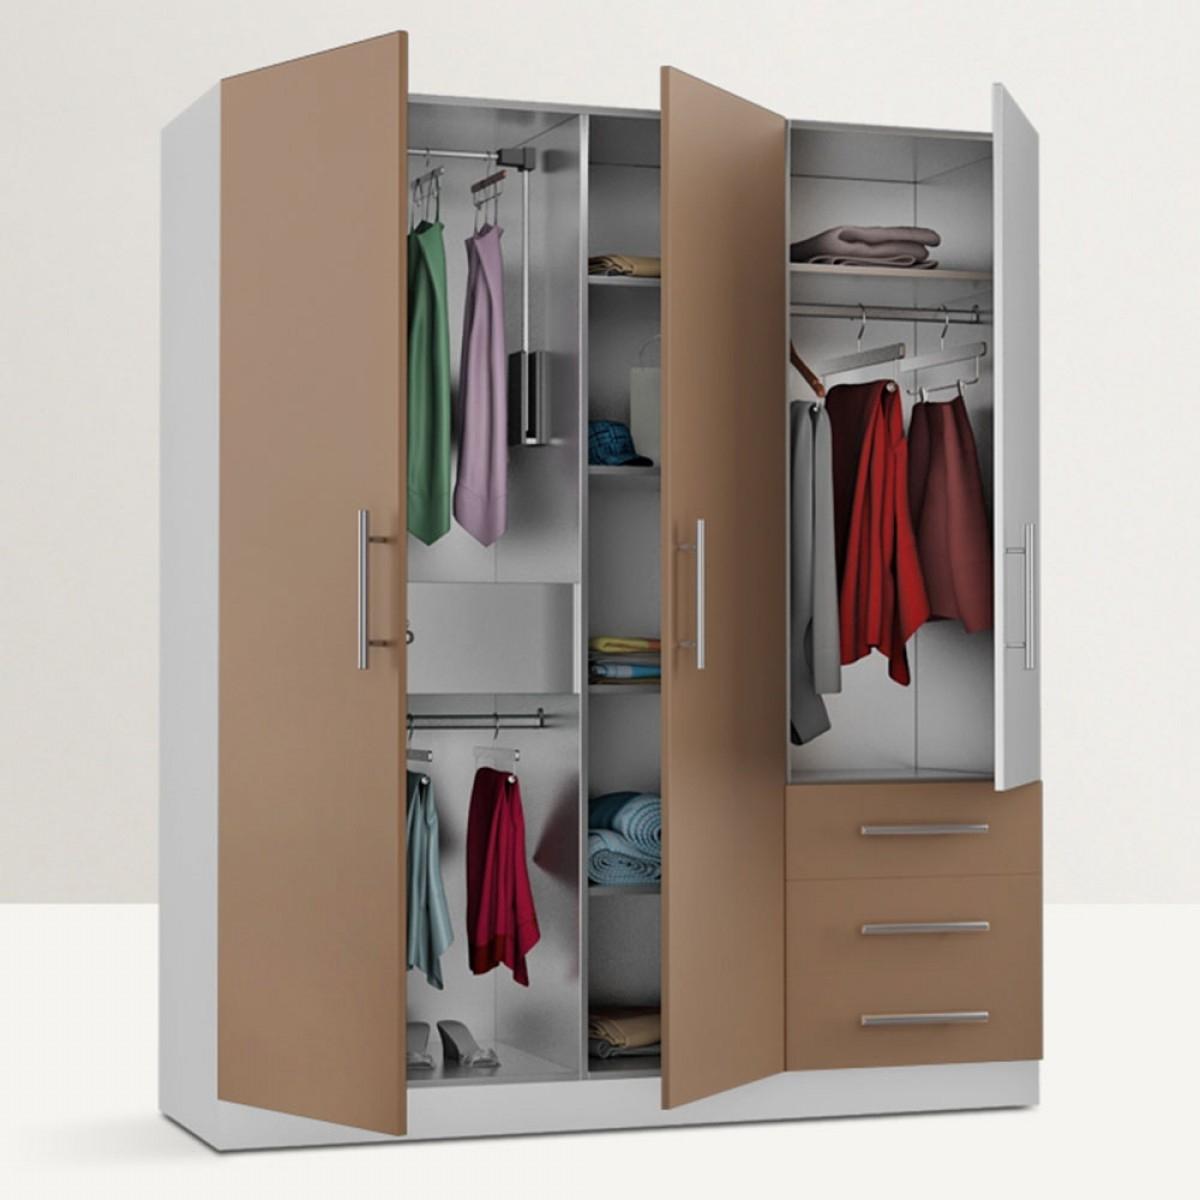 Homeplus Freestanding Triple Door Wardrobe Regarding Latest Triple Door Wardrobes (View 4 of 15)